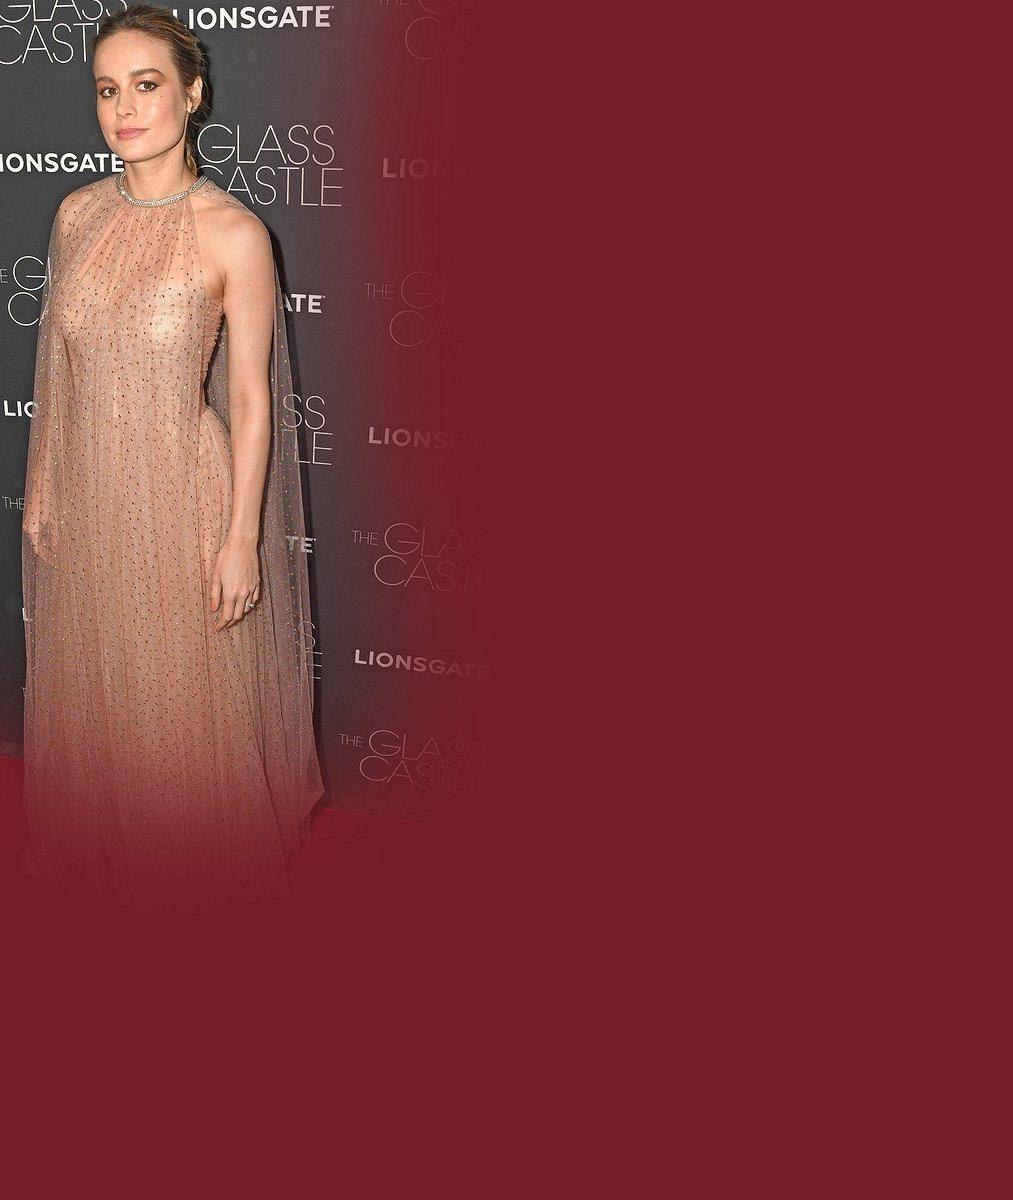 V úspornějším modelu by nadělala více parády: Oscarová herečka na sebe pověsila snad celou záclonu